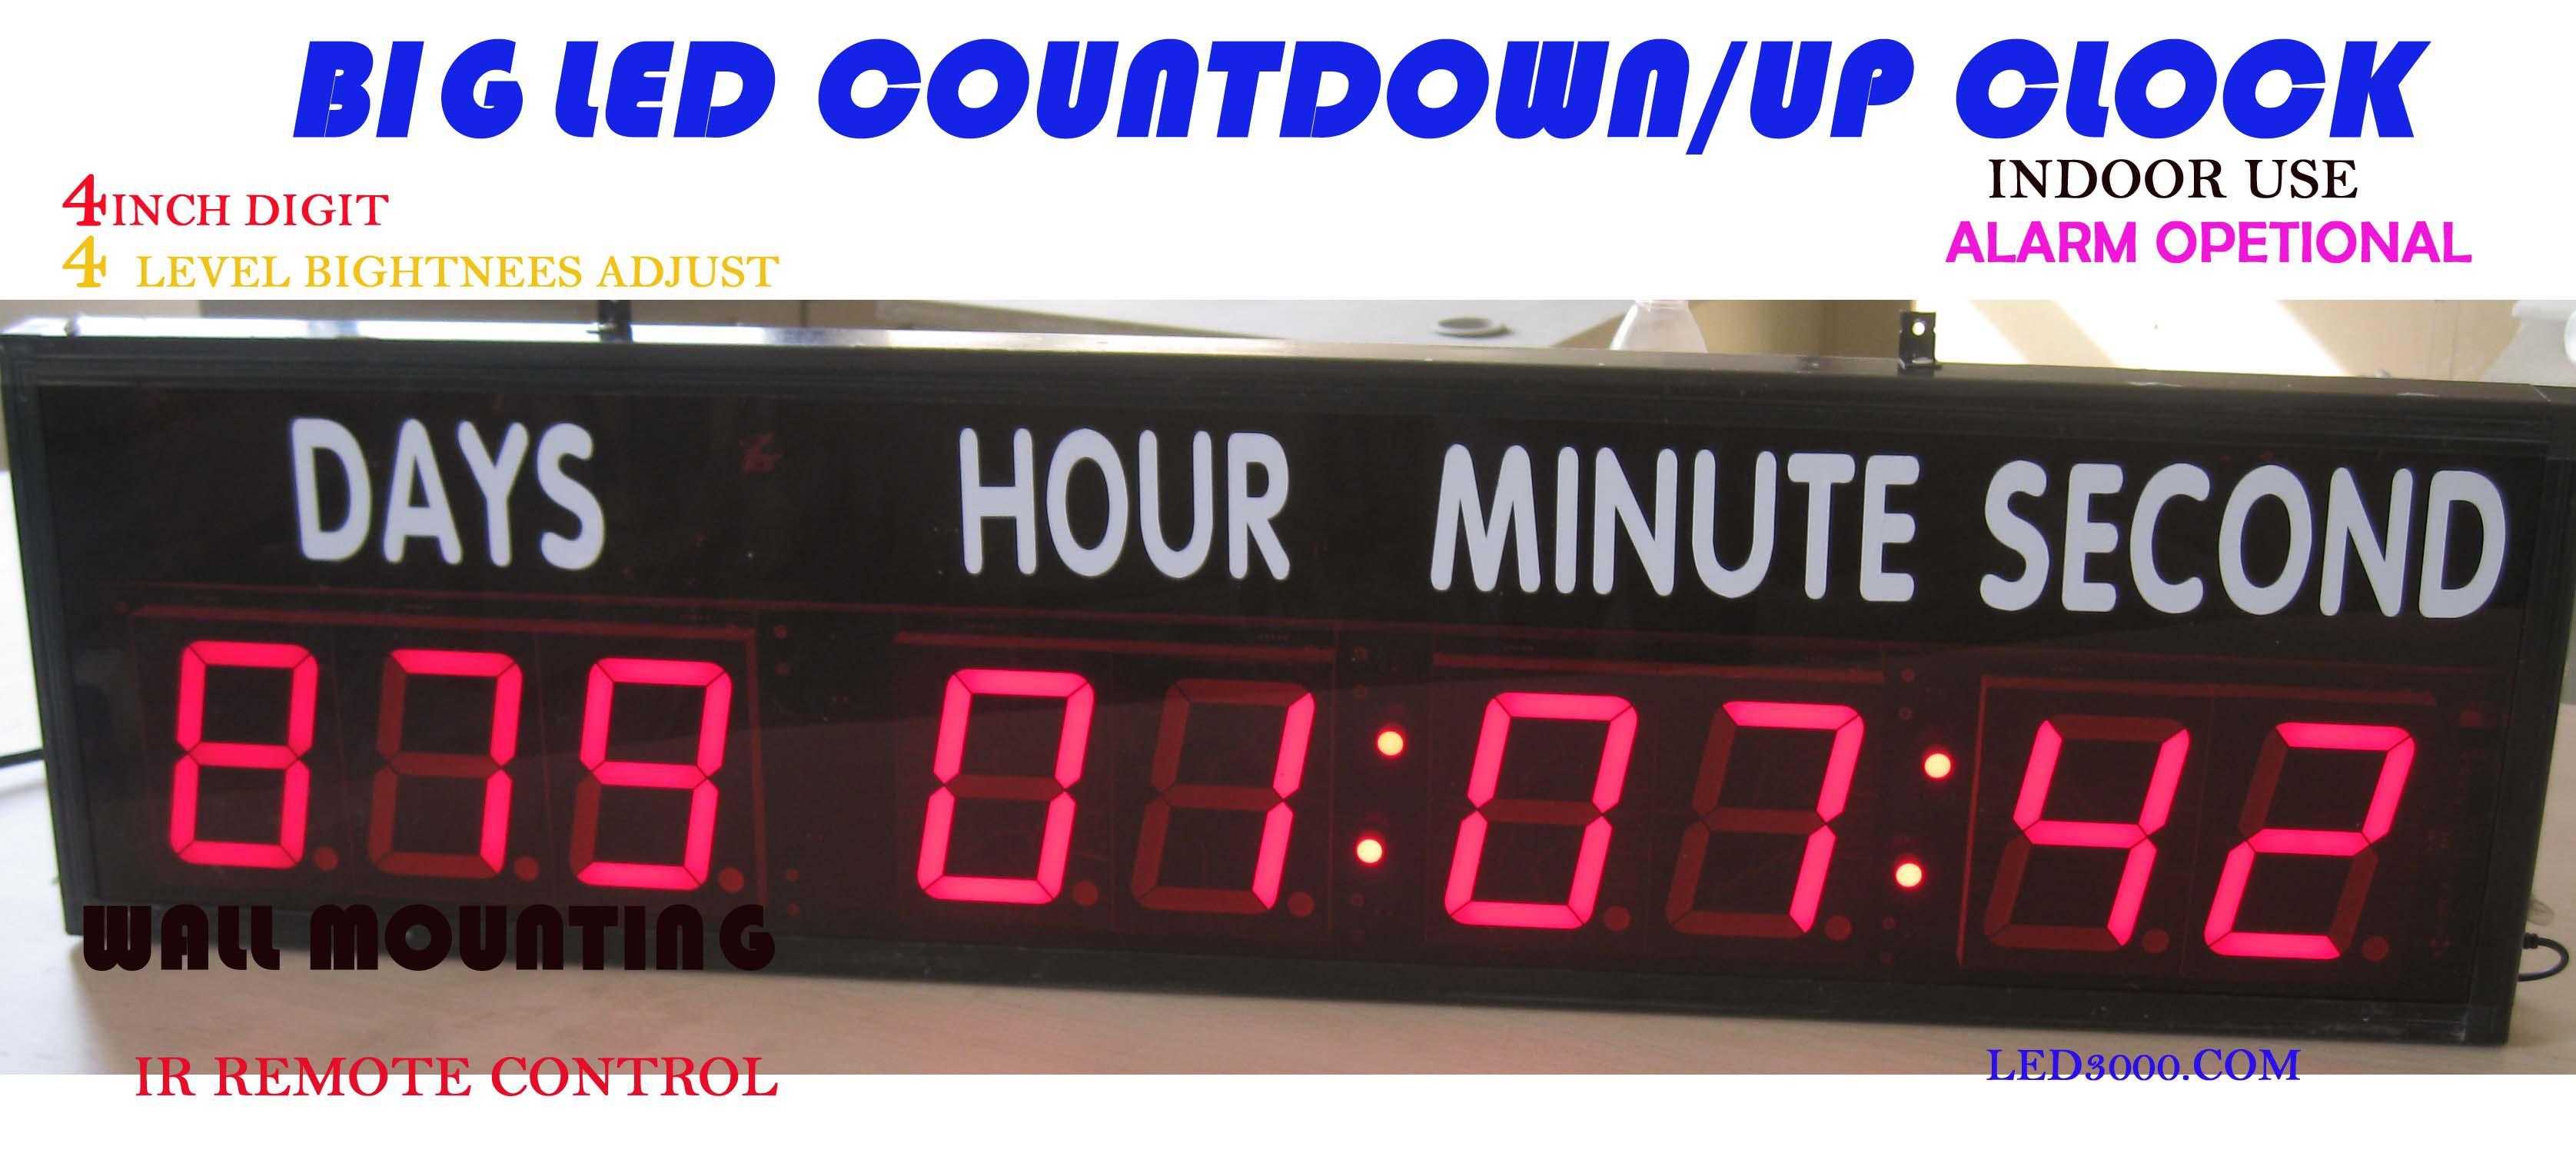 Grandes tamaños de días, horas, minutos y segundos de cuenta regresiva / hasta reloj LED actividades del temporizador, investigación y desarrollo producción objetivo c envío gratis